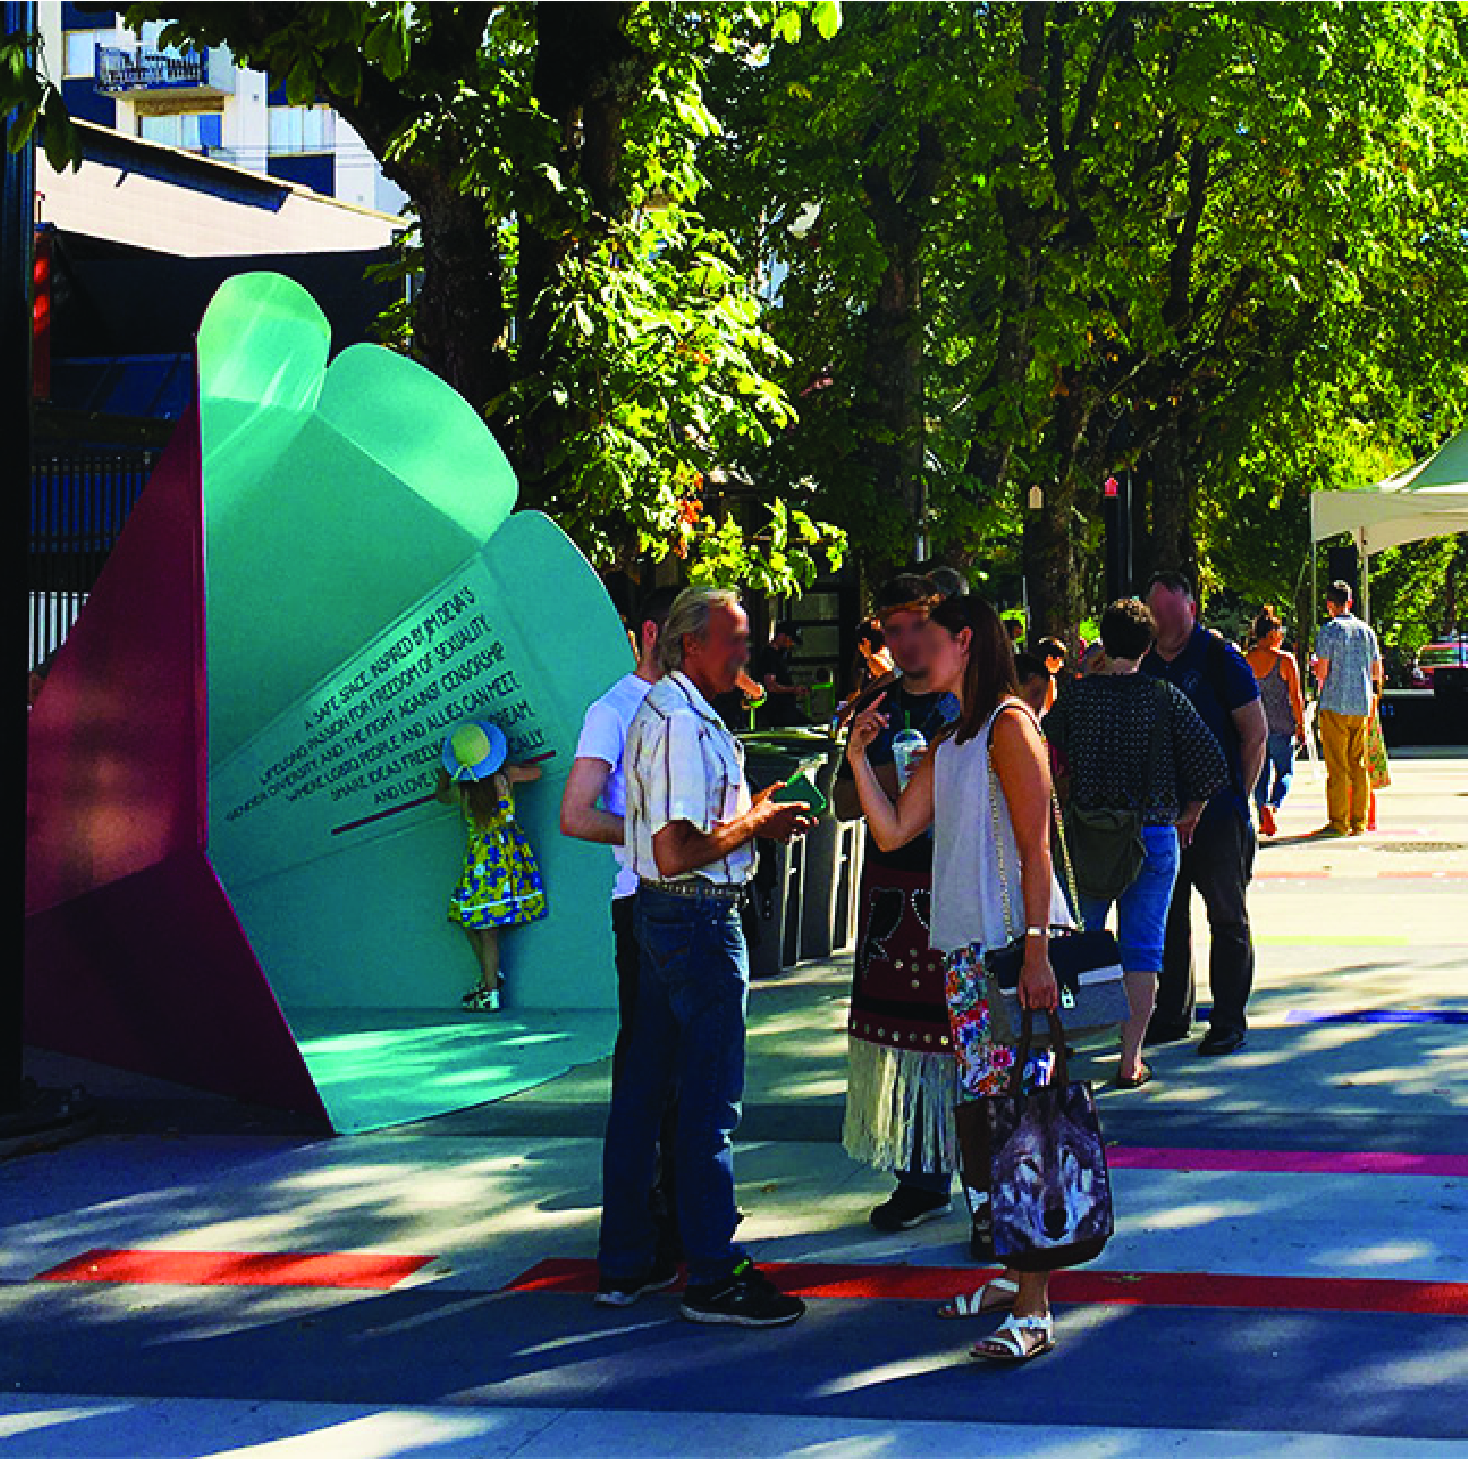 Plazas and Public Spaces